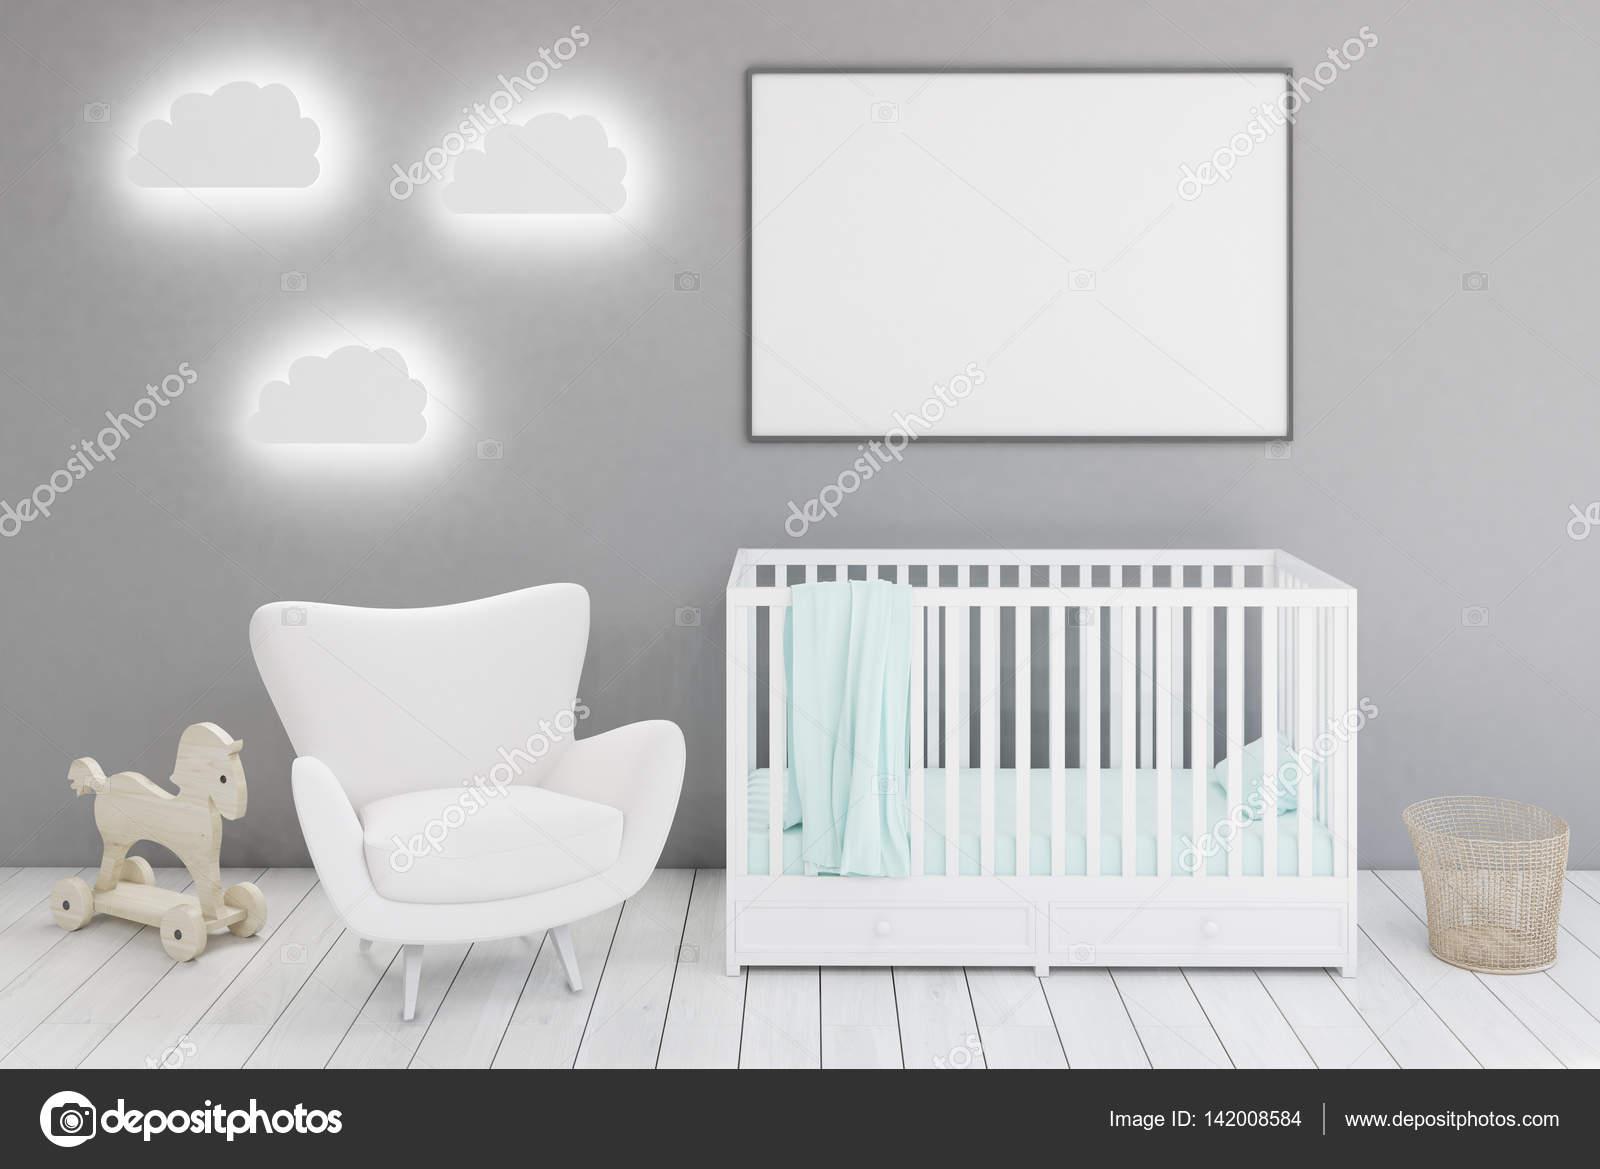 33c7fbf48d9 Παιδικό δωμάτιο με πολυθρόνα και αφίσα — Φωτογραφία Αρχείου ...